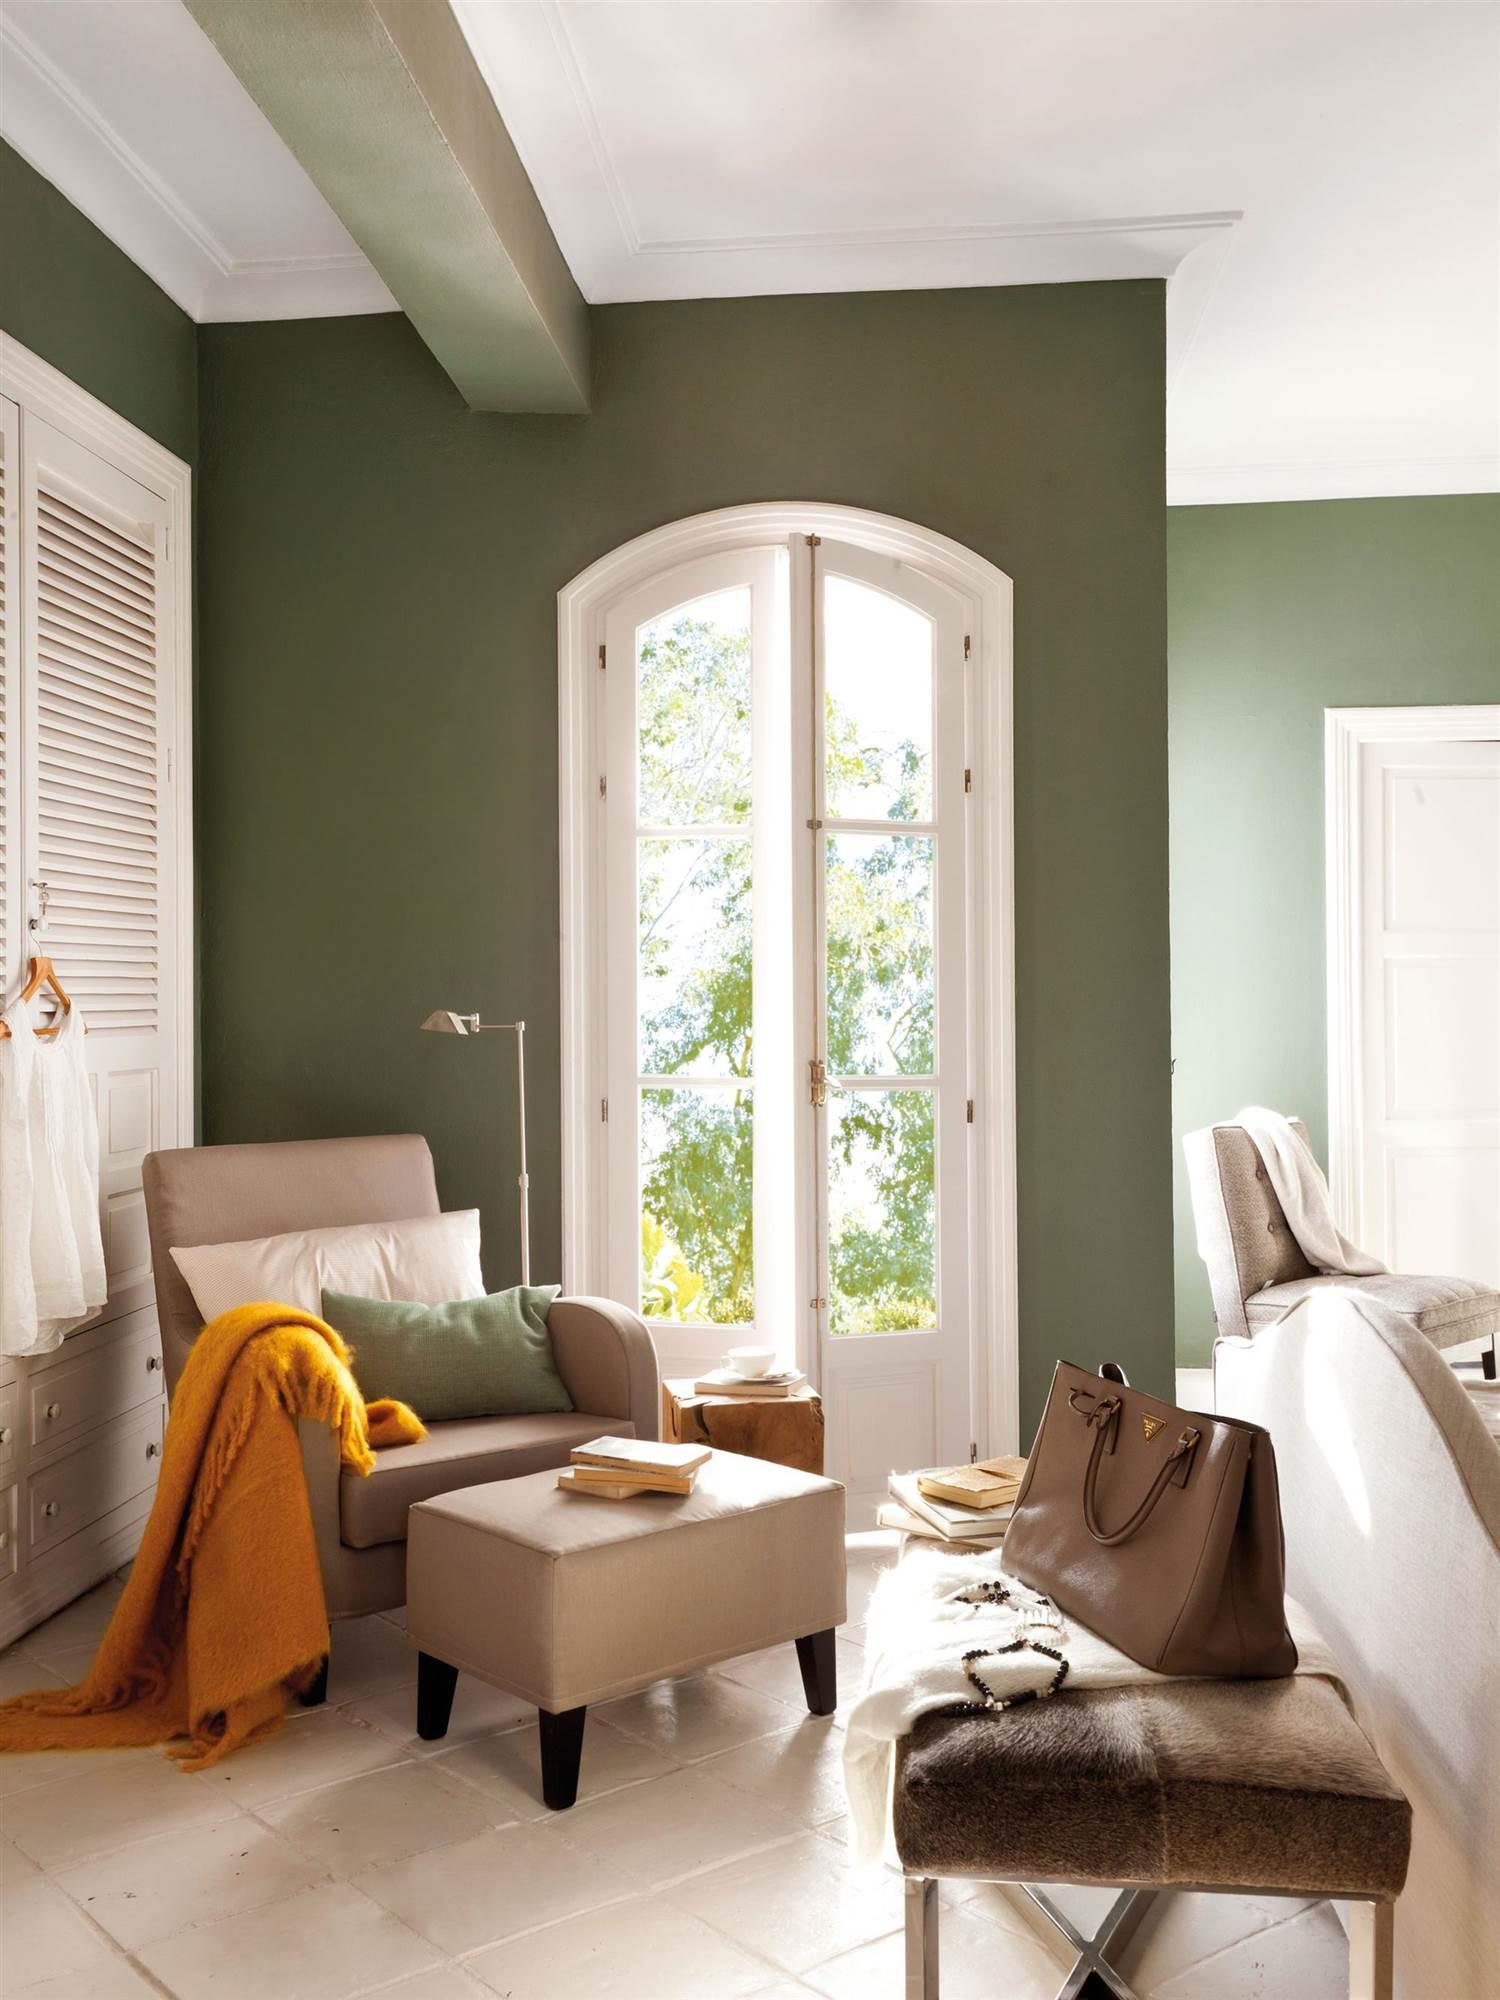 dormitorio pintado de verde musgo 00364471. No hacer uso de la pintura  virtual a366baec78f